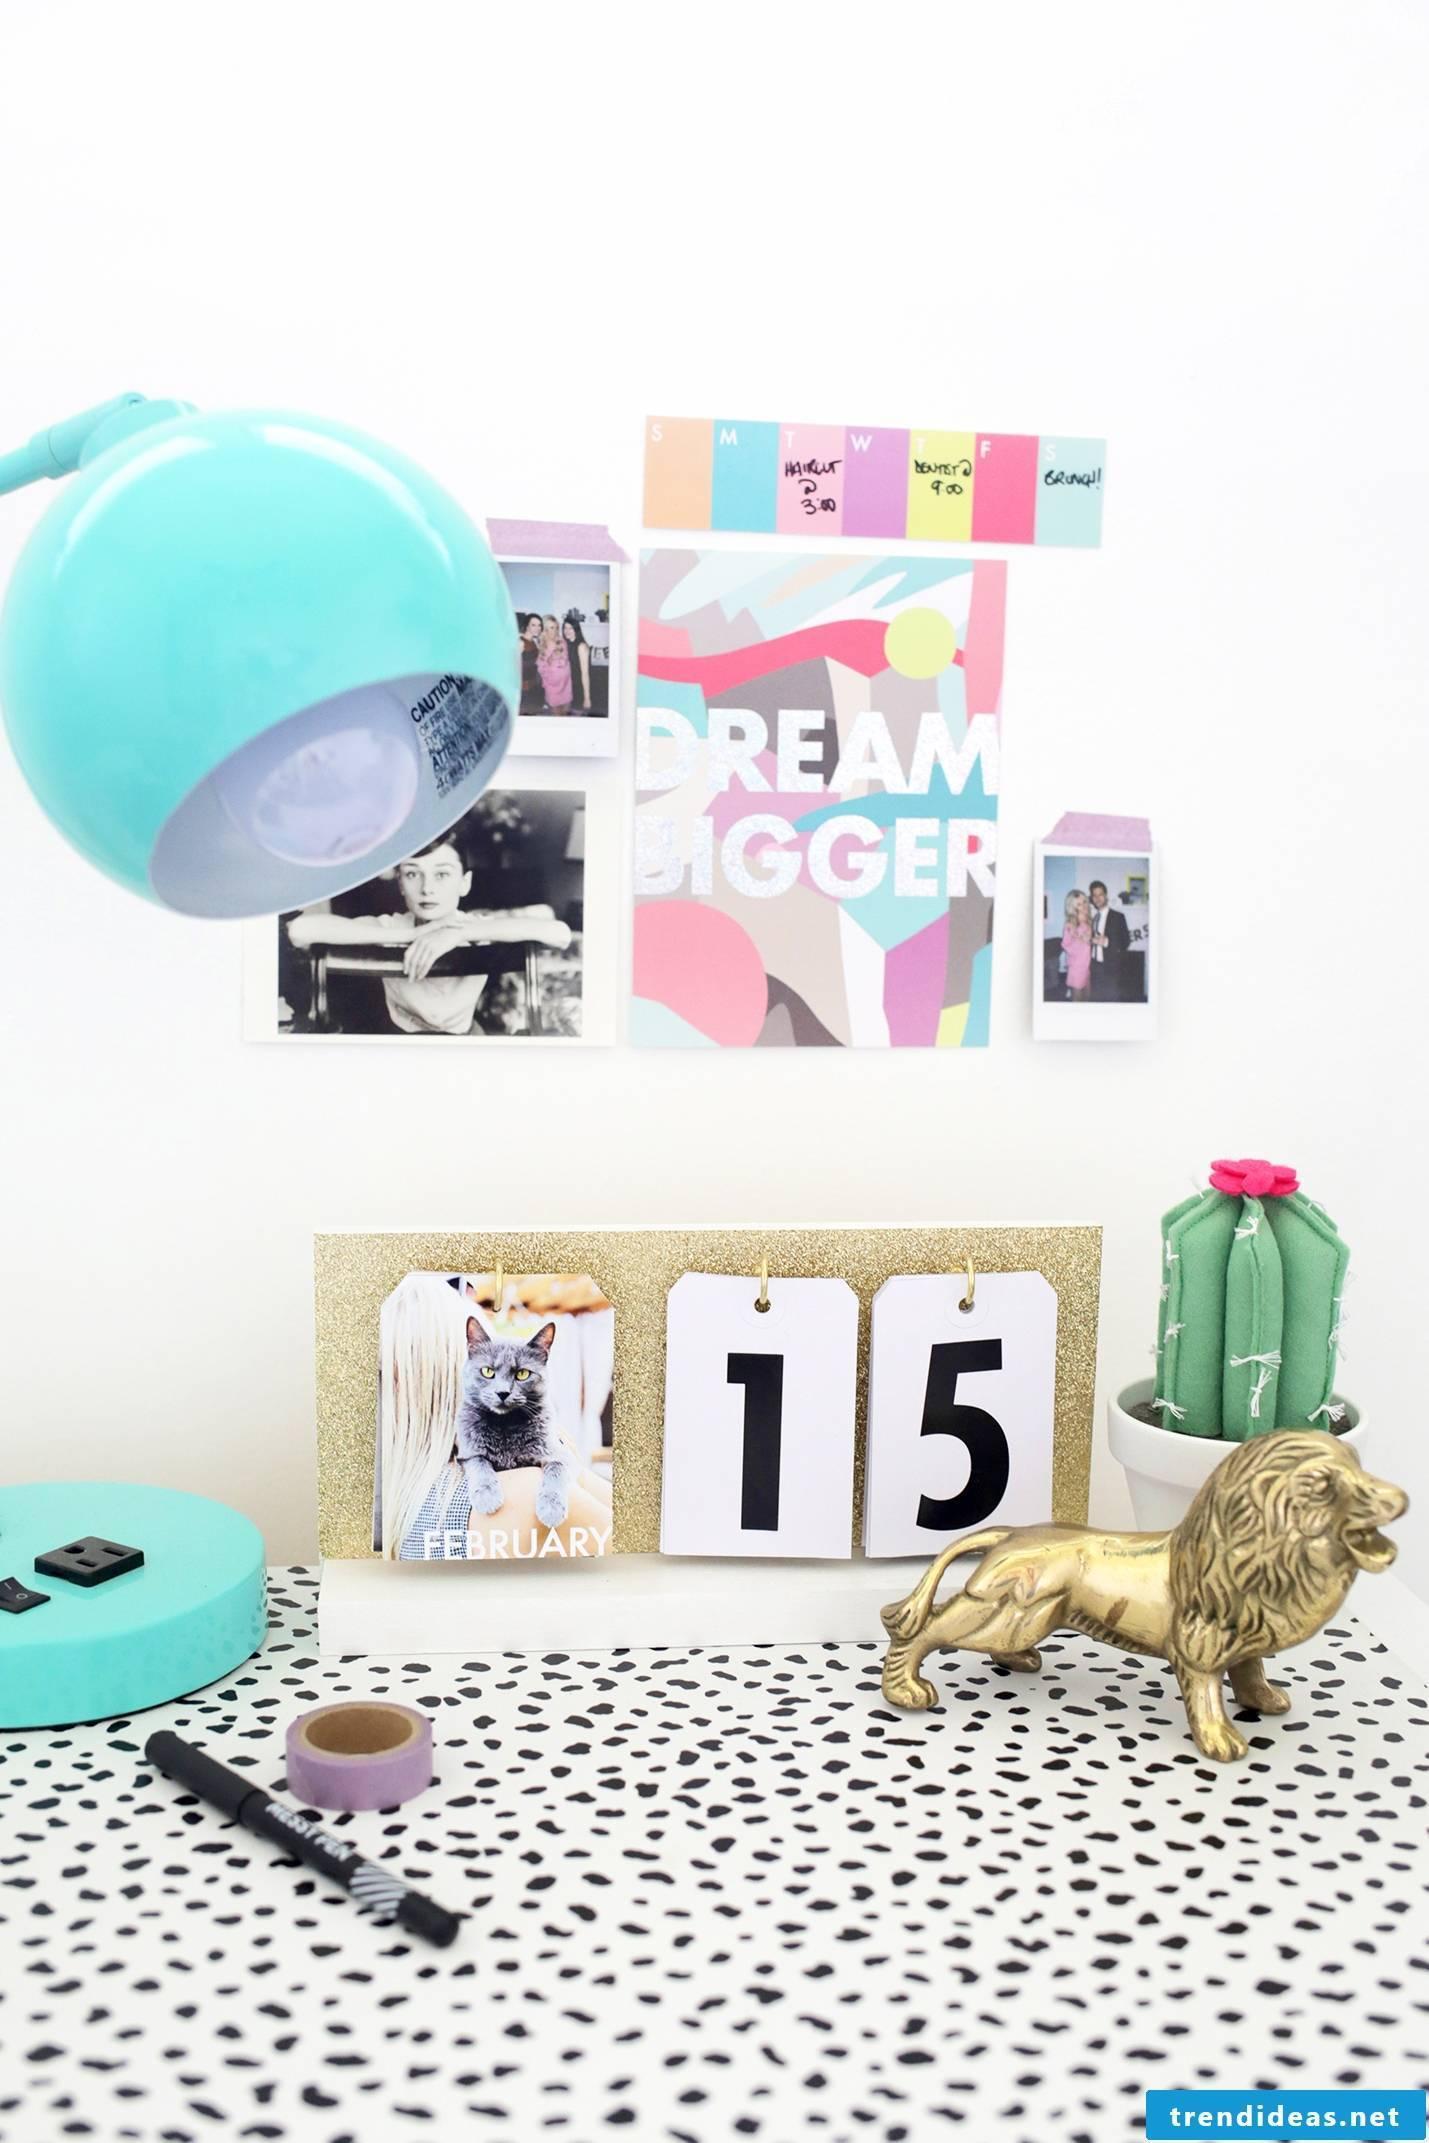 Do you know how to design a photo calendar yourself?